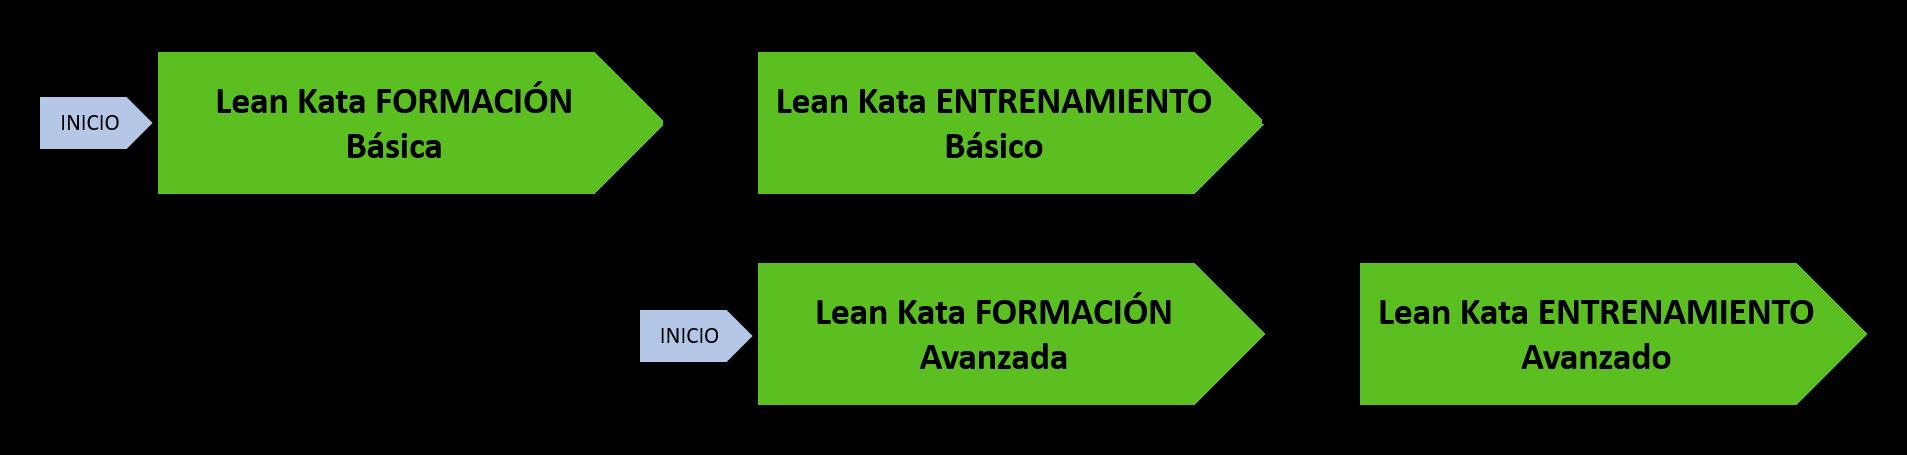 Gráfico evolución cursos lean kata, academia on-line